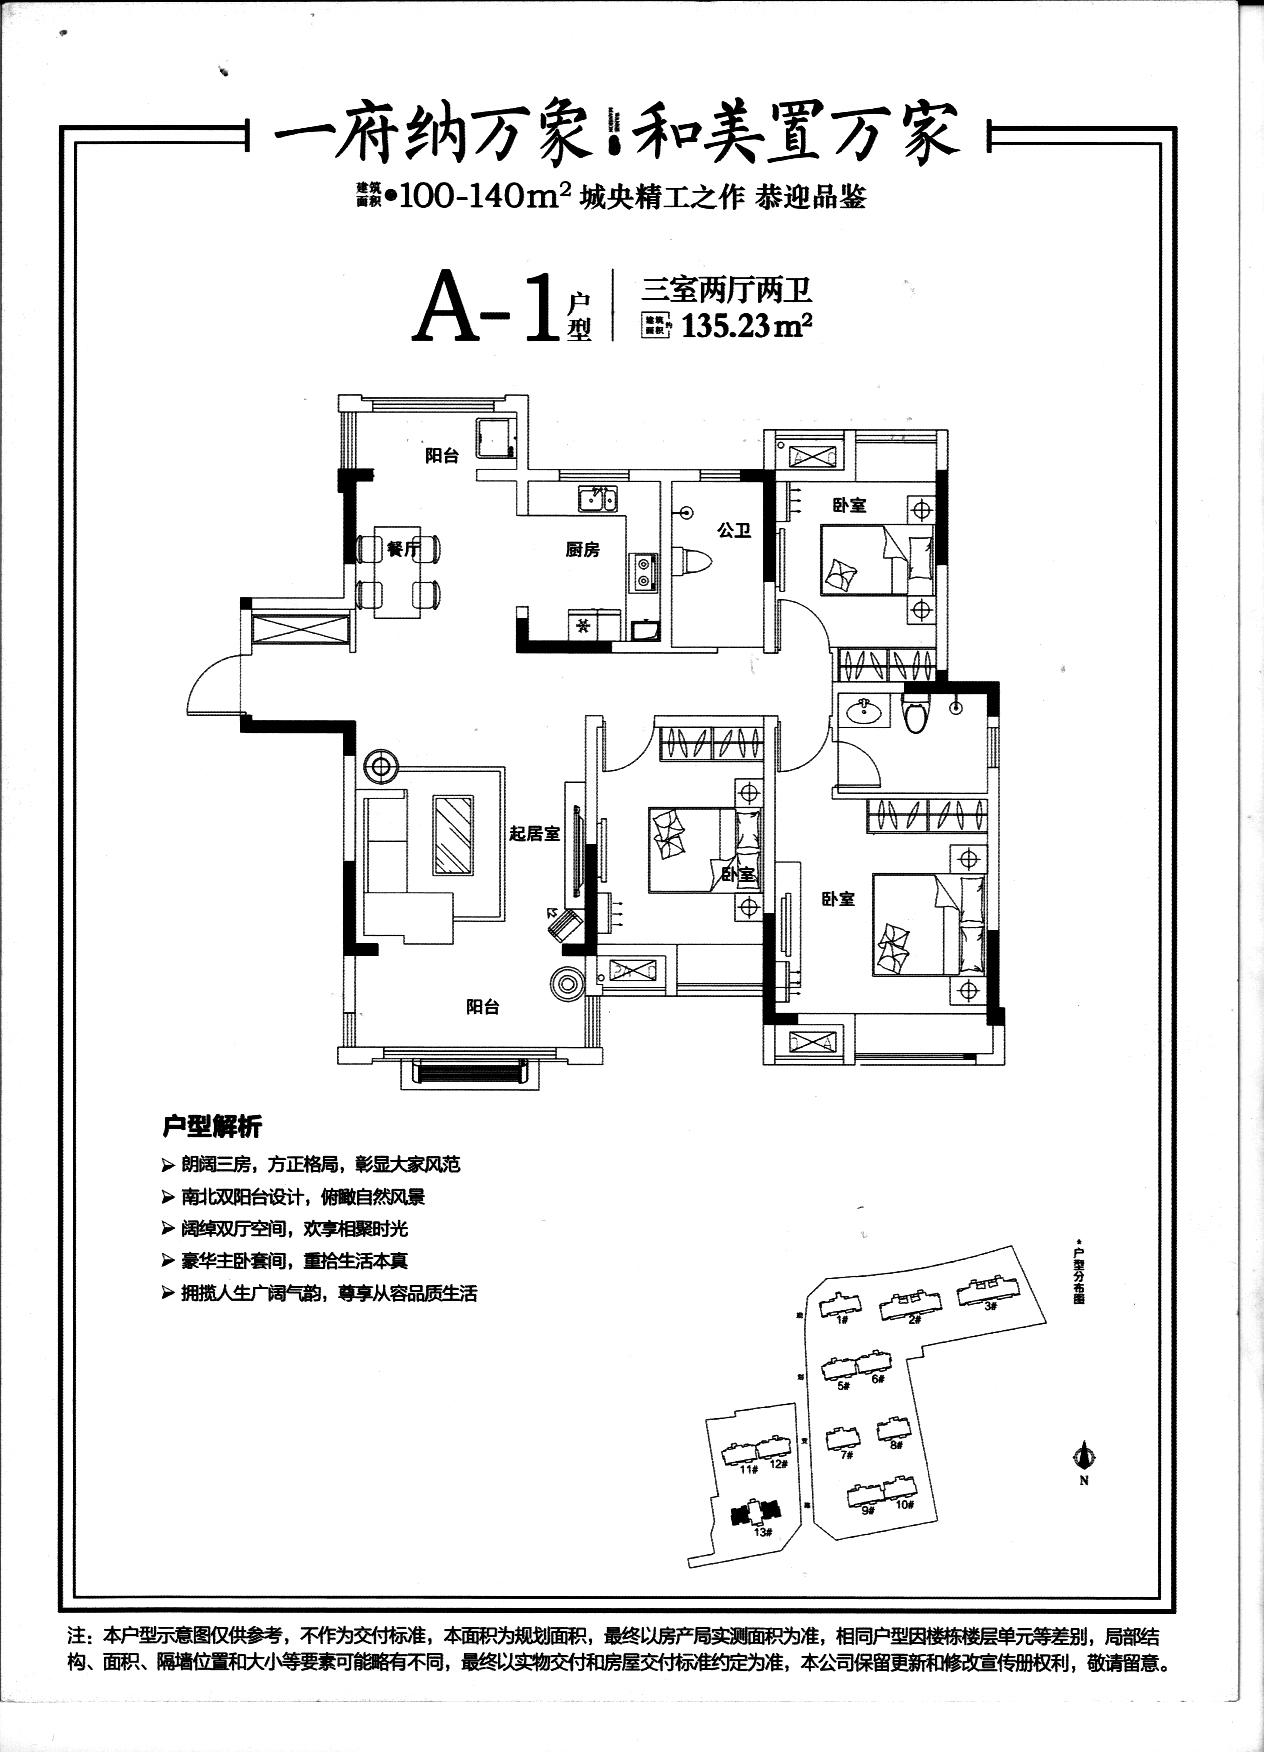 安庆万和府135.23㎡三室两厅两卫A-1户型